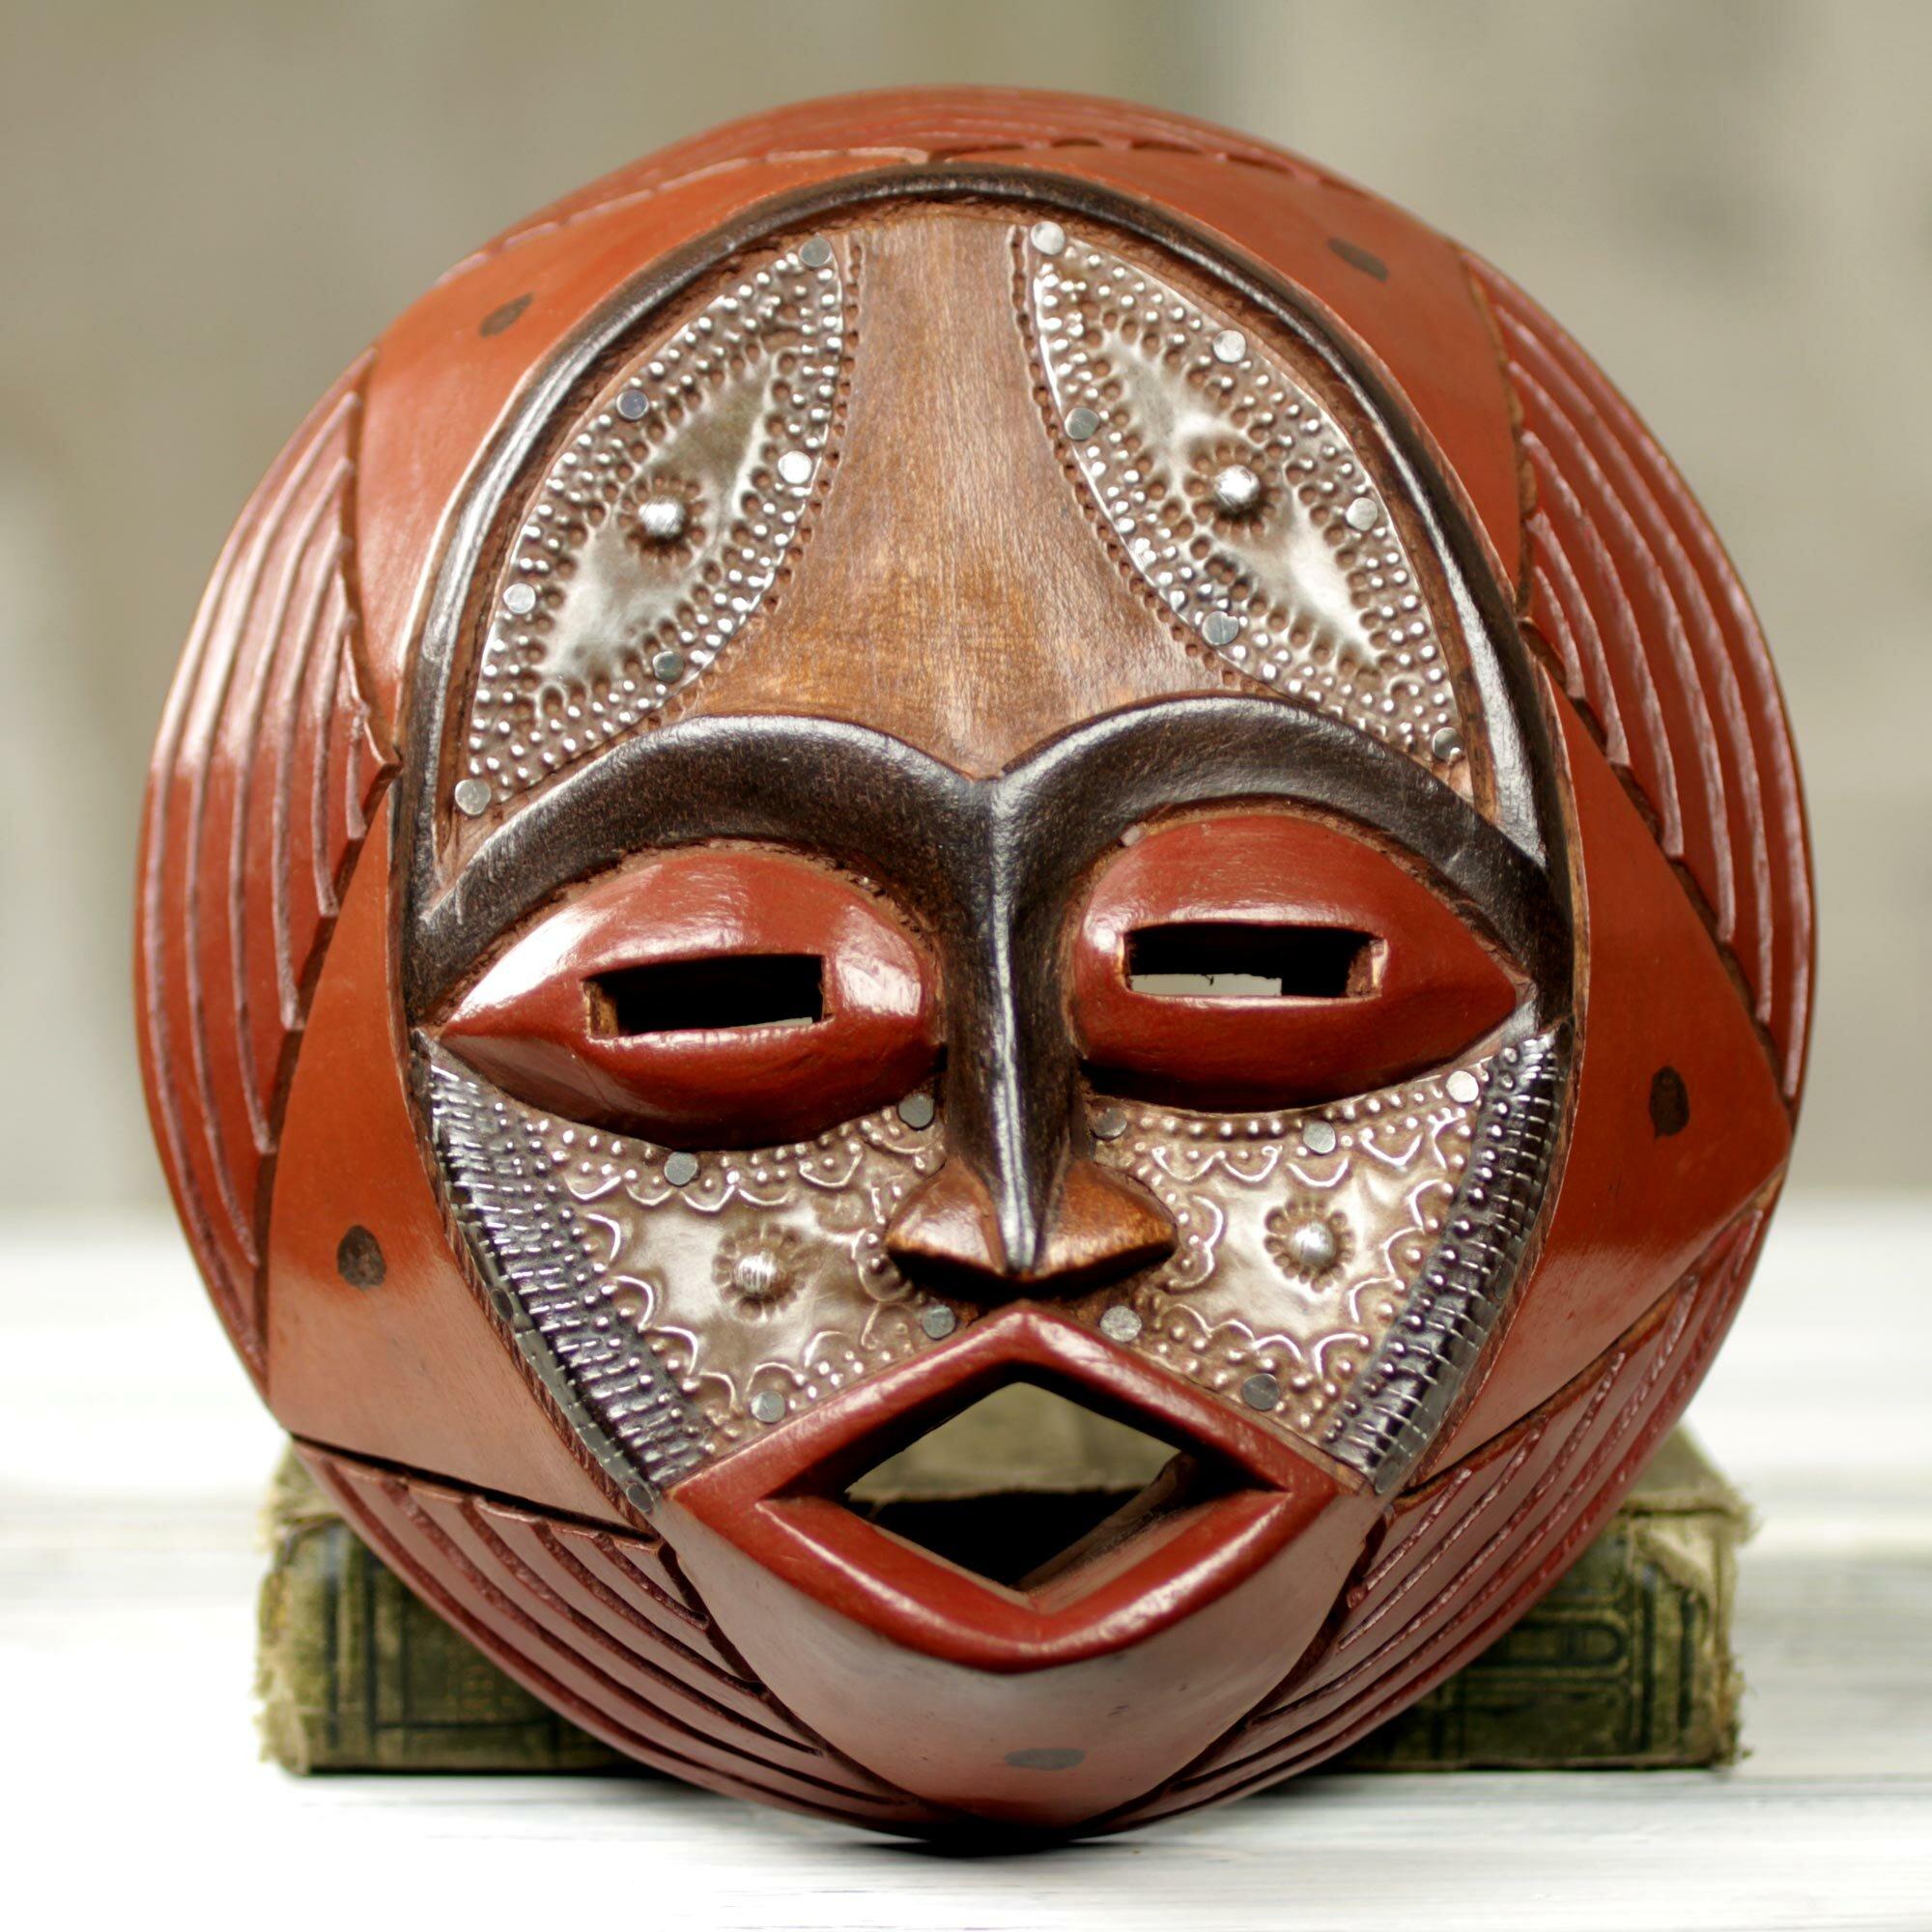 Afričke maske - Page 4 Victor-dushie-handcrafted-circular-west-african-mask-wall-decor